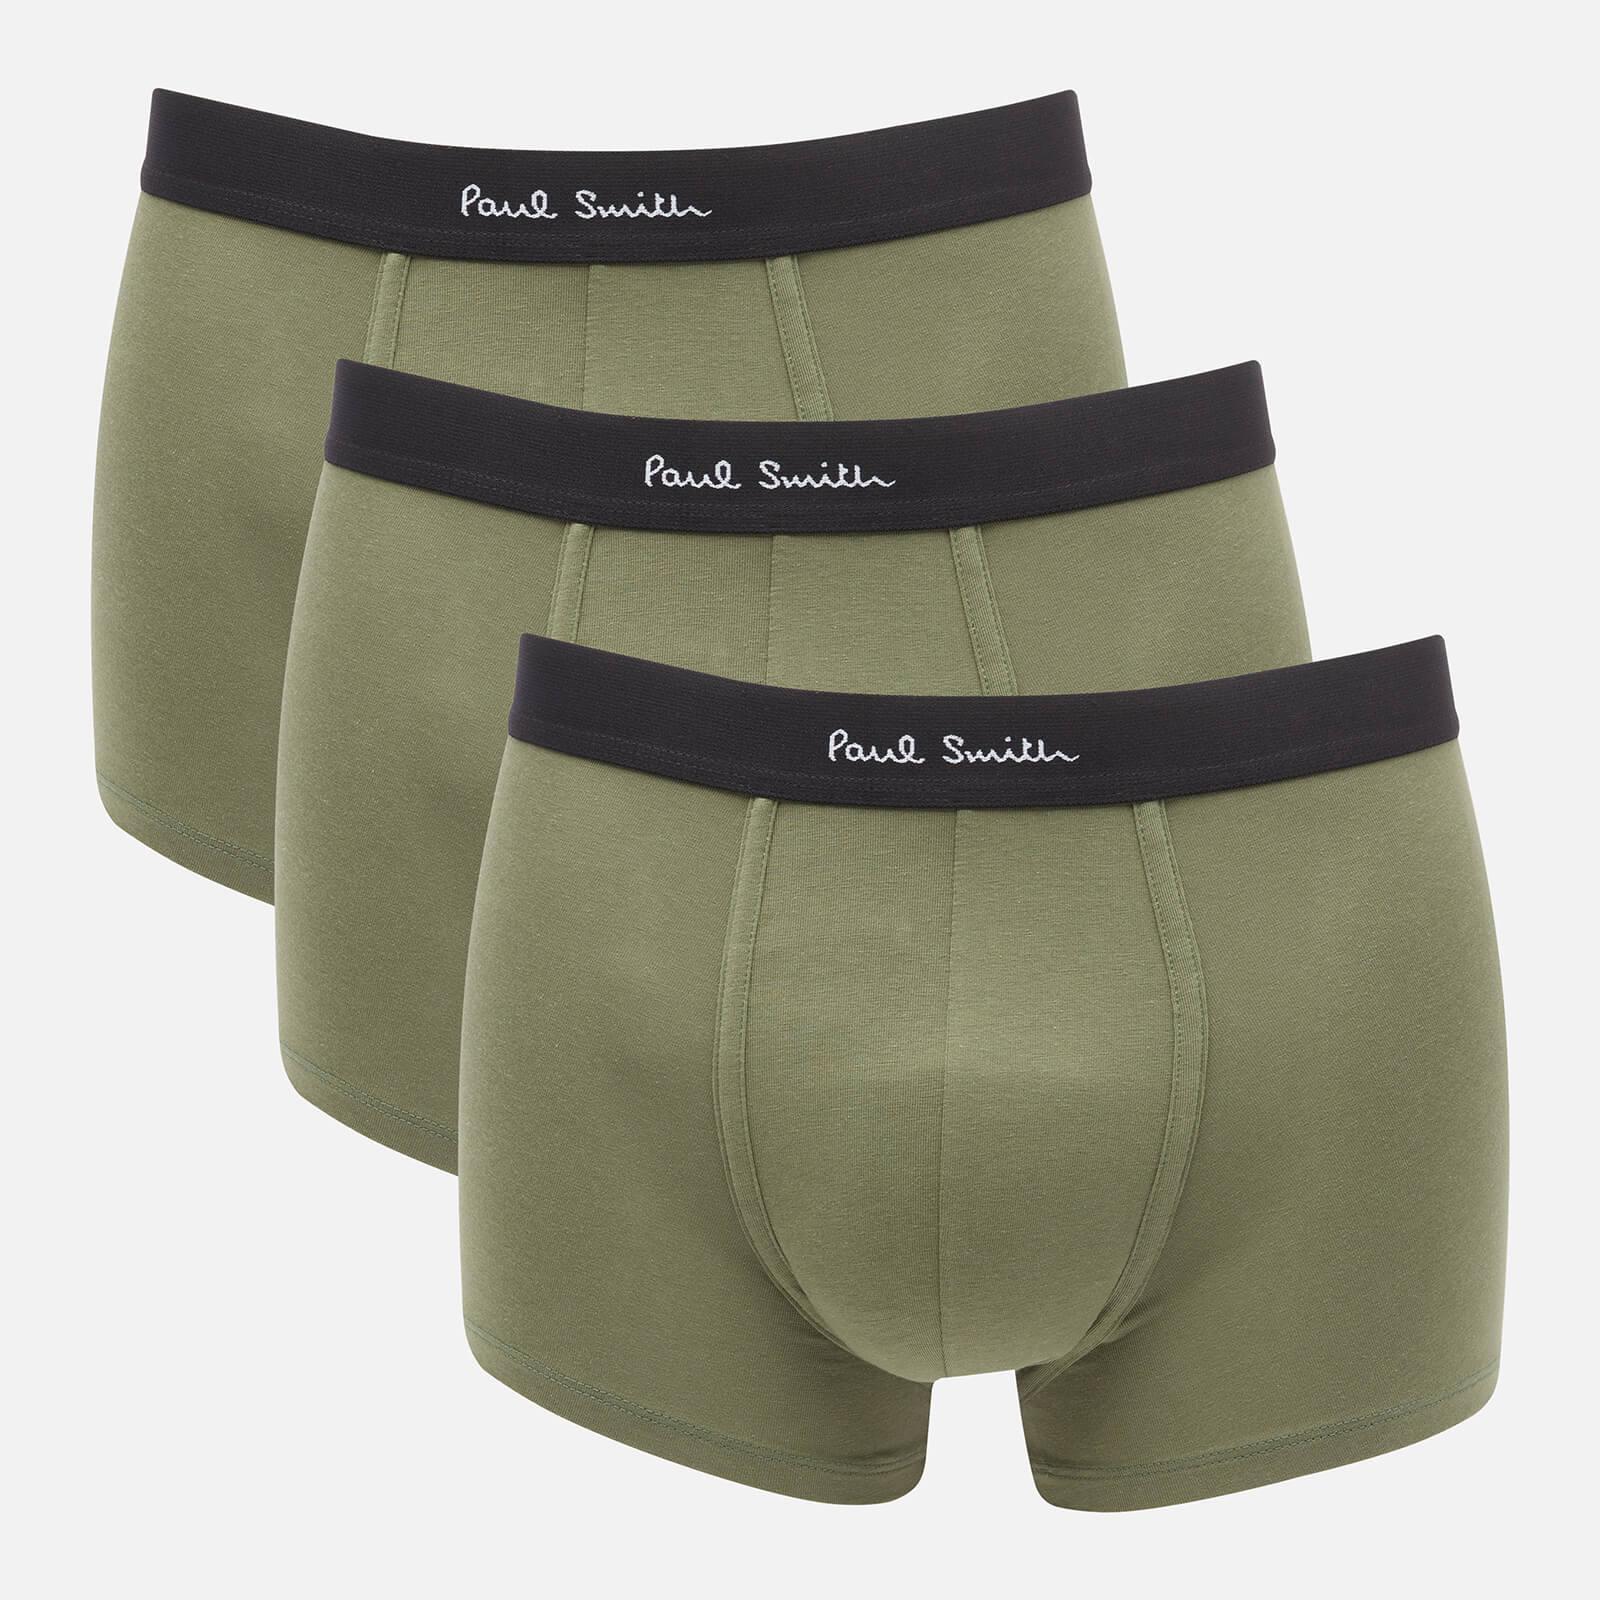 PS Paul Smith Men's 3-Pack Trunks - Khaki - S